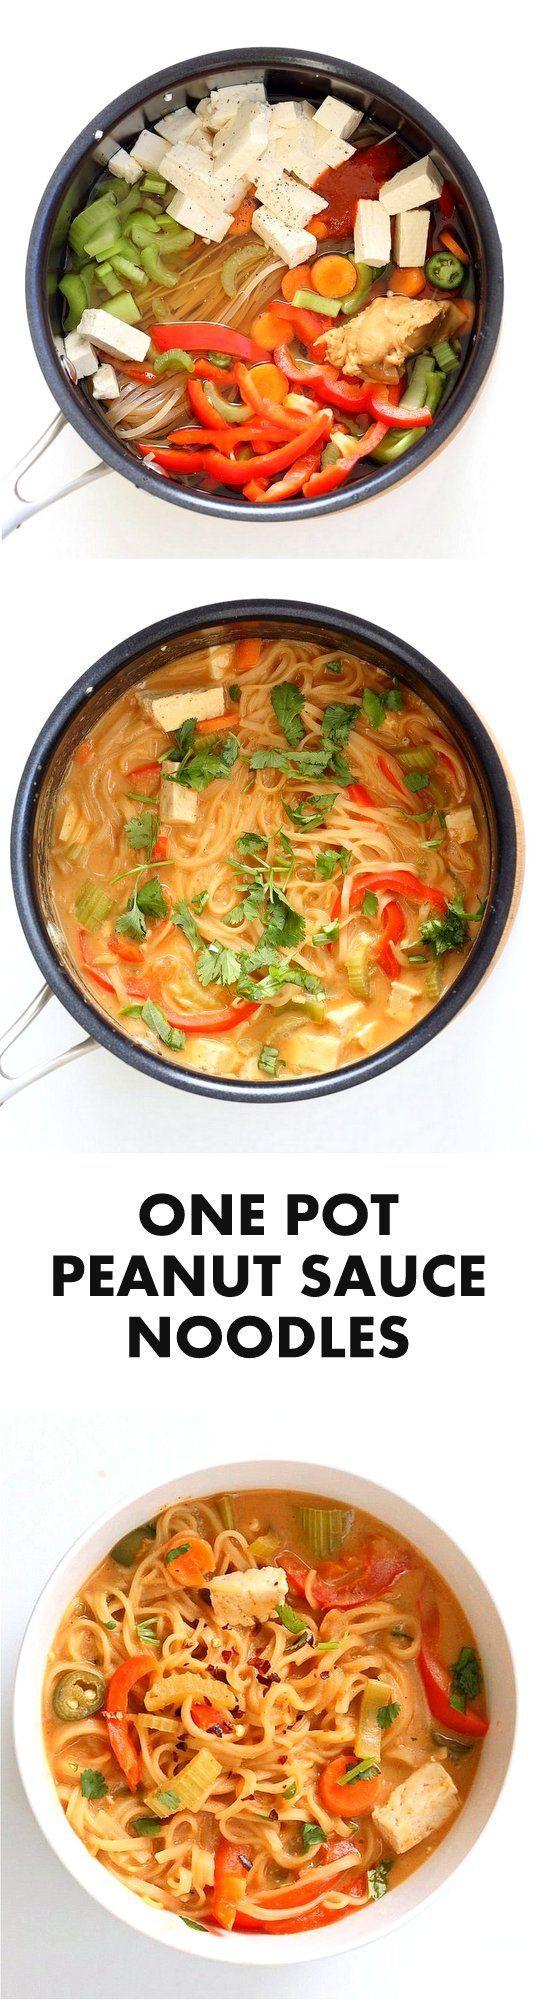 Pot Peanut Sauce Noodles | Recipe | Peanut Sauce Noodles, Peanut Sauce ...